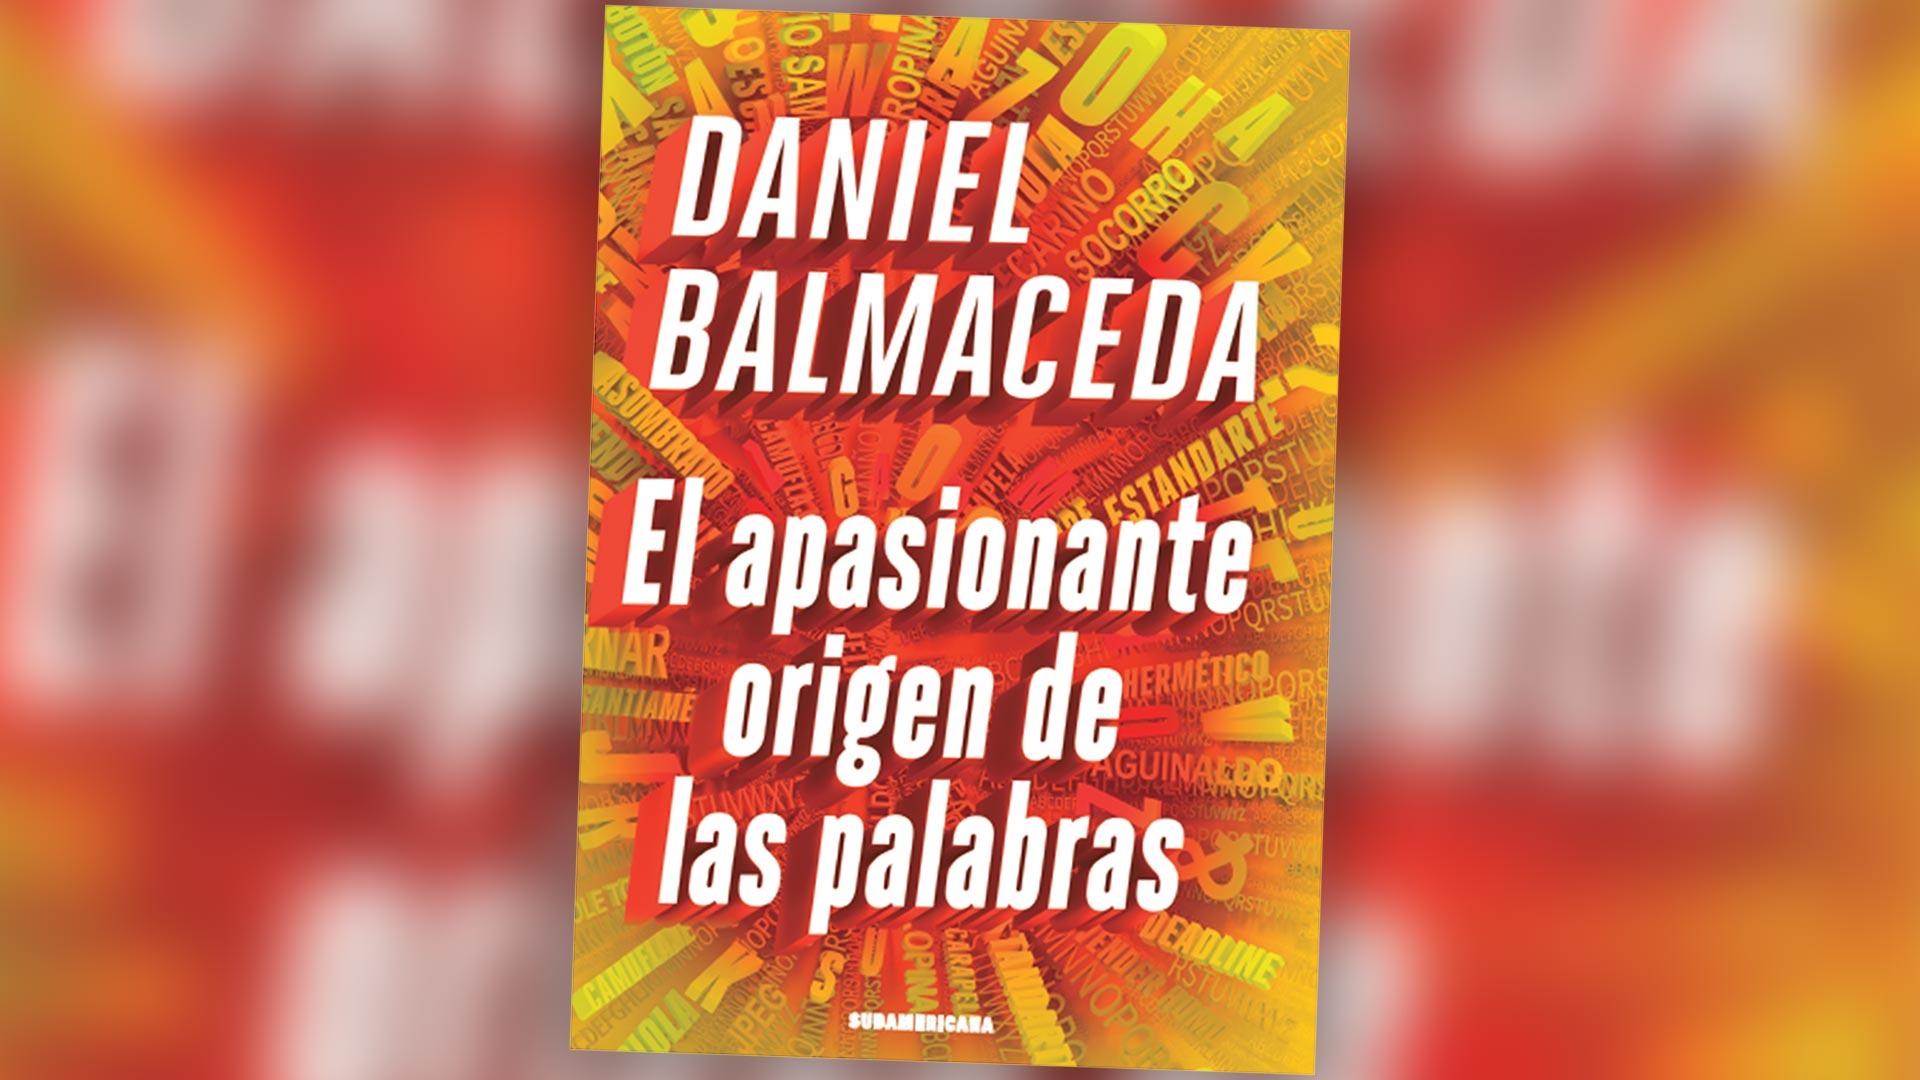 Adelanto De El Apasionante Origen De Las Palabras De Daniel Balmaceda Infobae